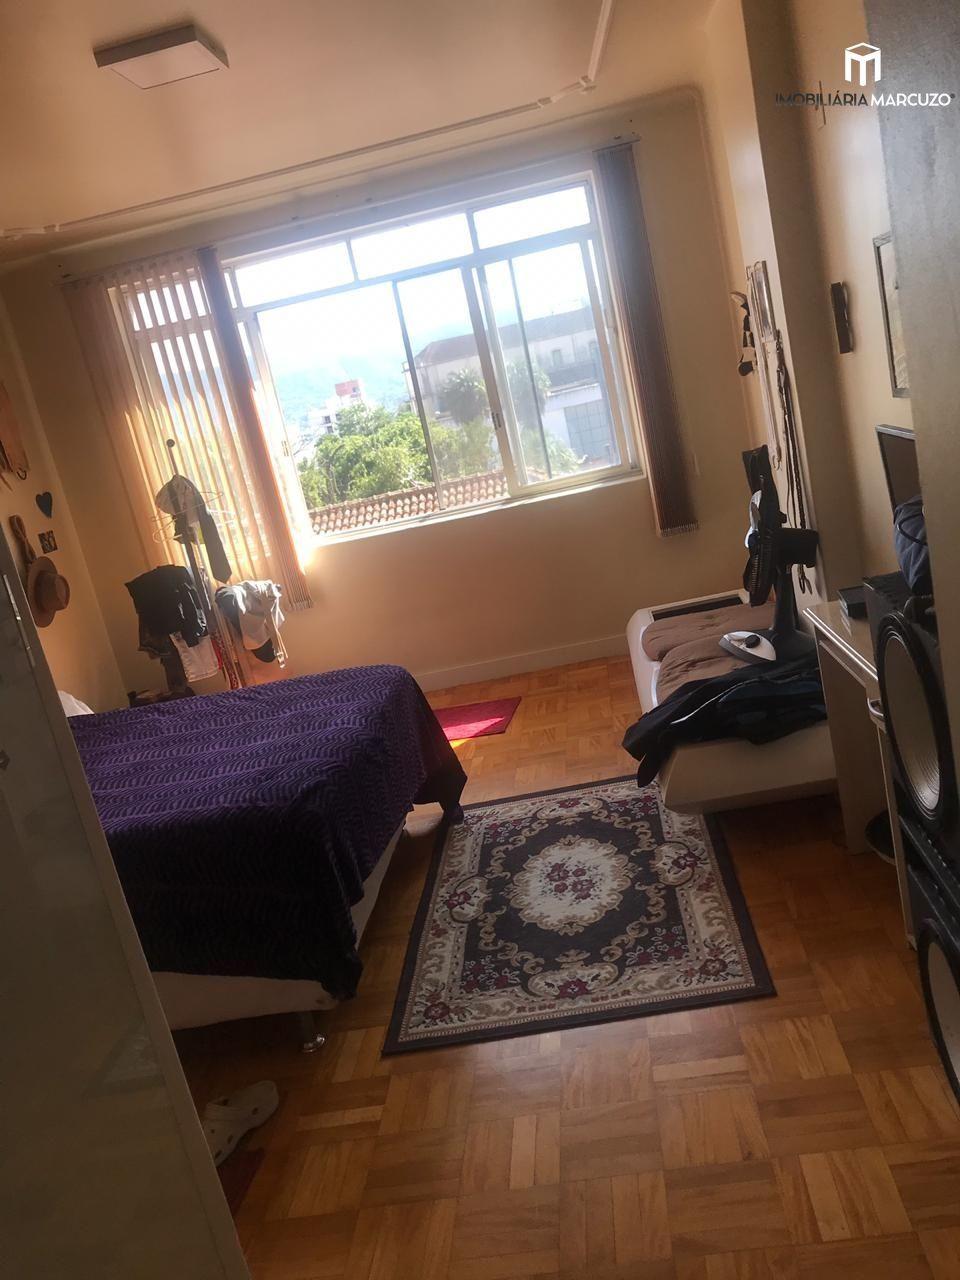 Apartamento com 4 Dormitórios à venda, 180 m² por R$ 680.000,00